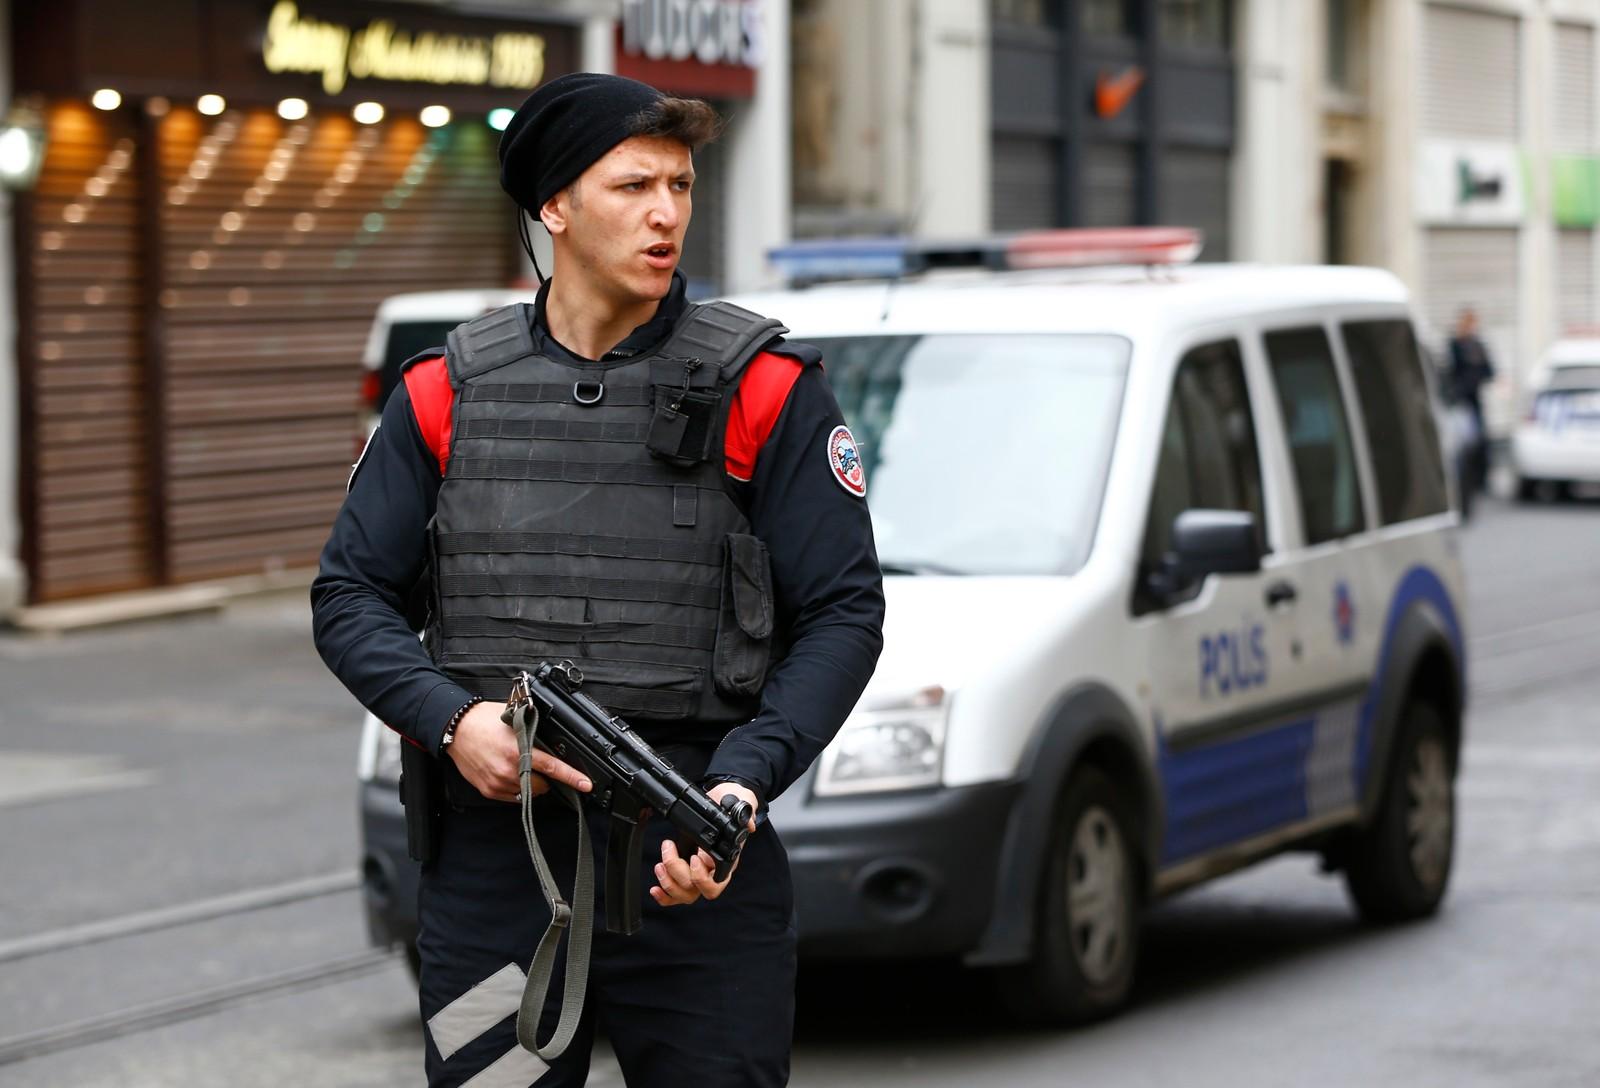 Situasjonen i Tyrkia er spent etter at Istanbul og hovedstaden Ankara er blitt rammet av flere terrorangrep de siste månedene. 37 mennesker ble drept i et selvmordsangrep i Ankara forrige helg.